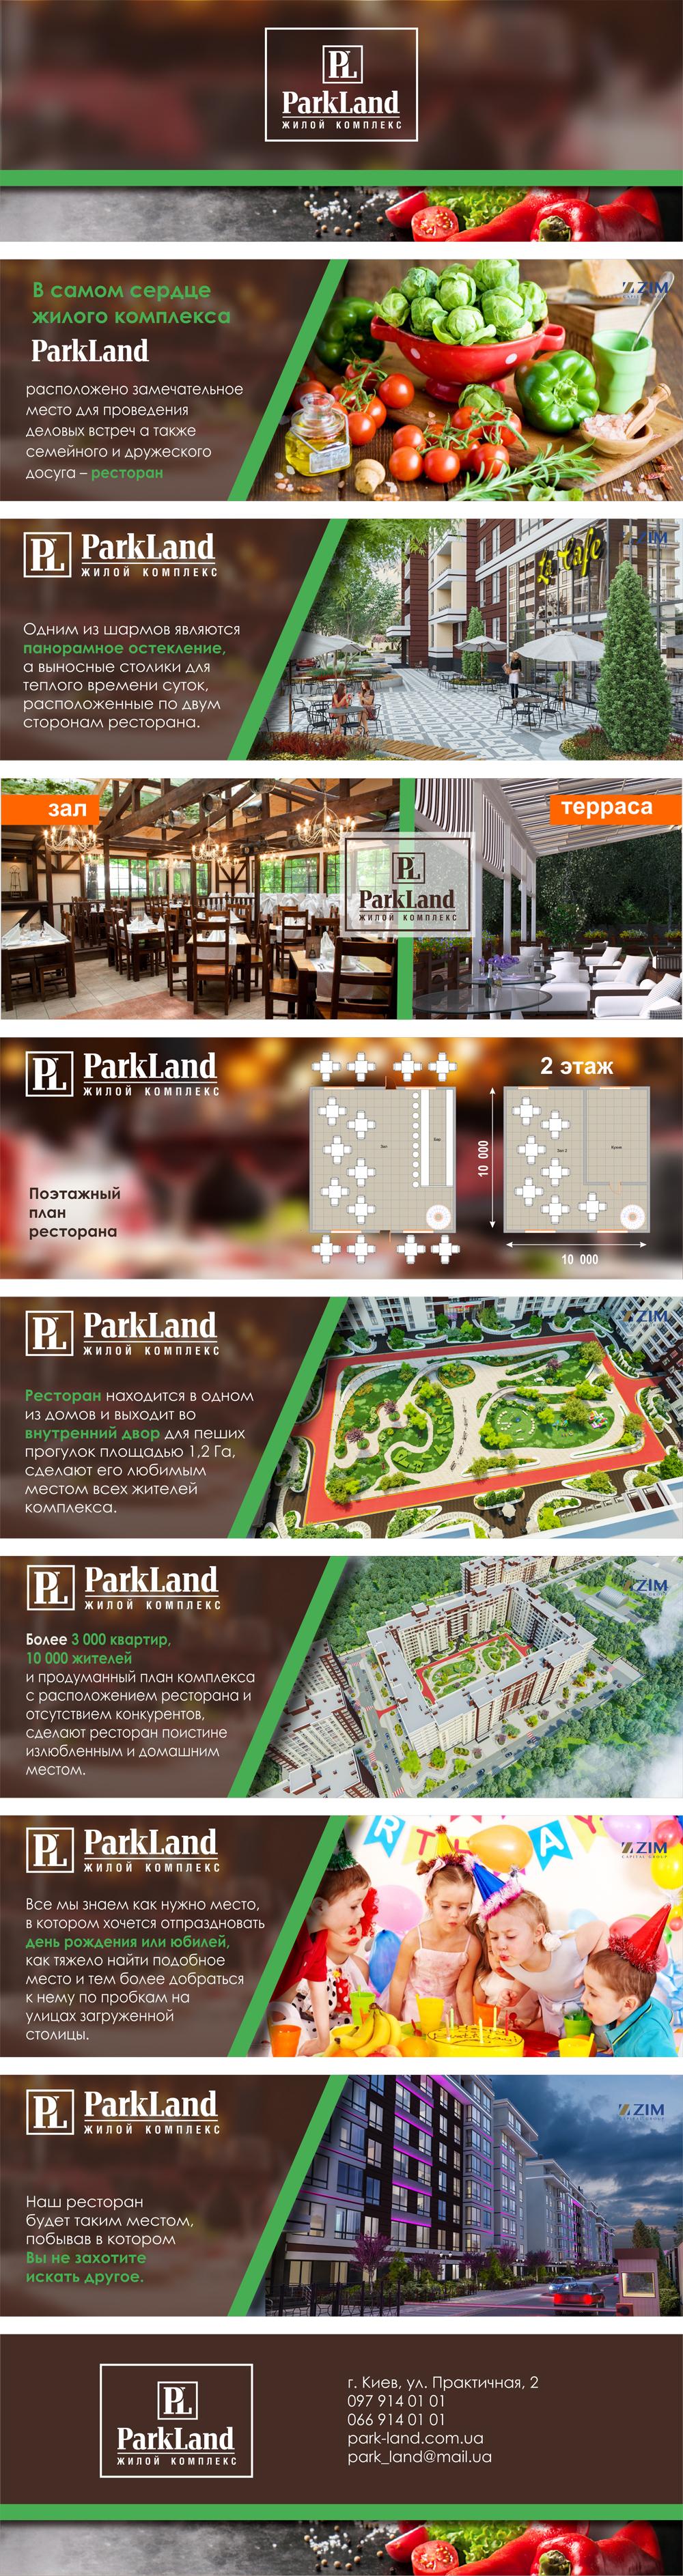 Уникальное предложение о покупке Торговых помещений от ЖК Parkland